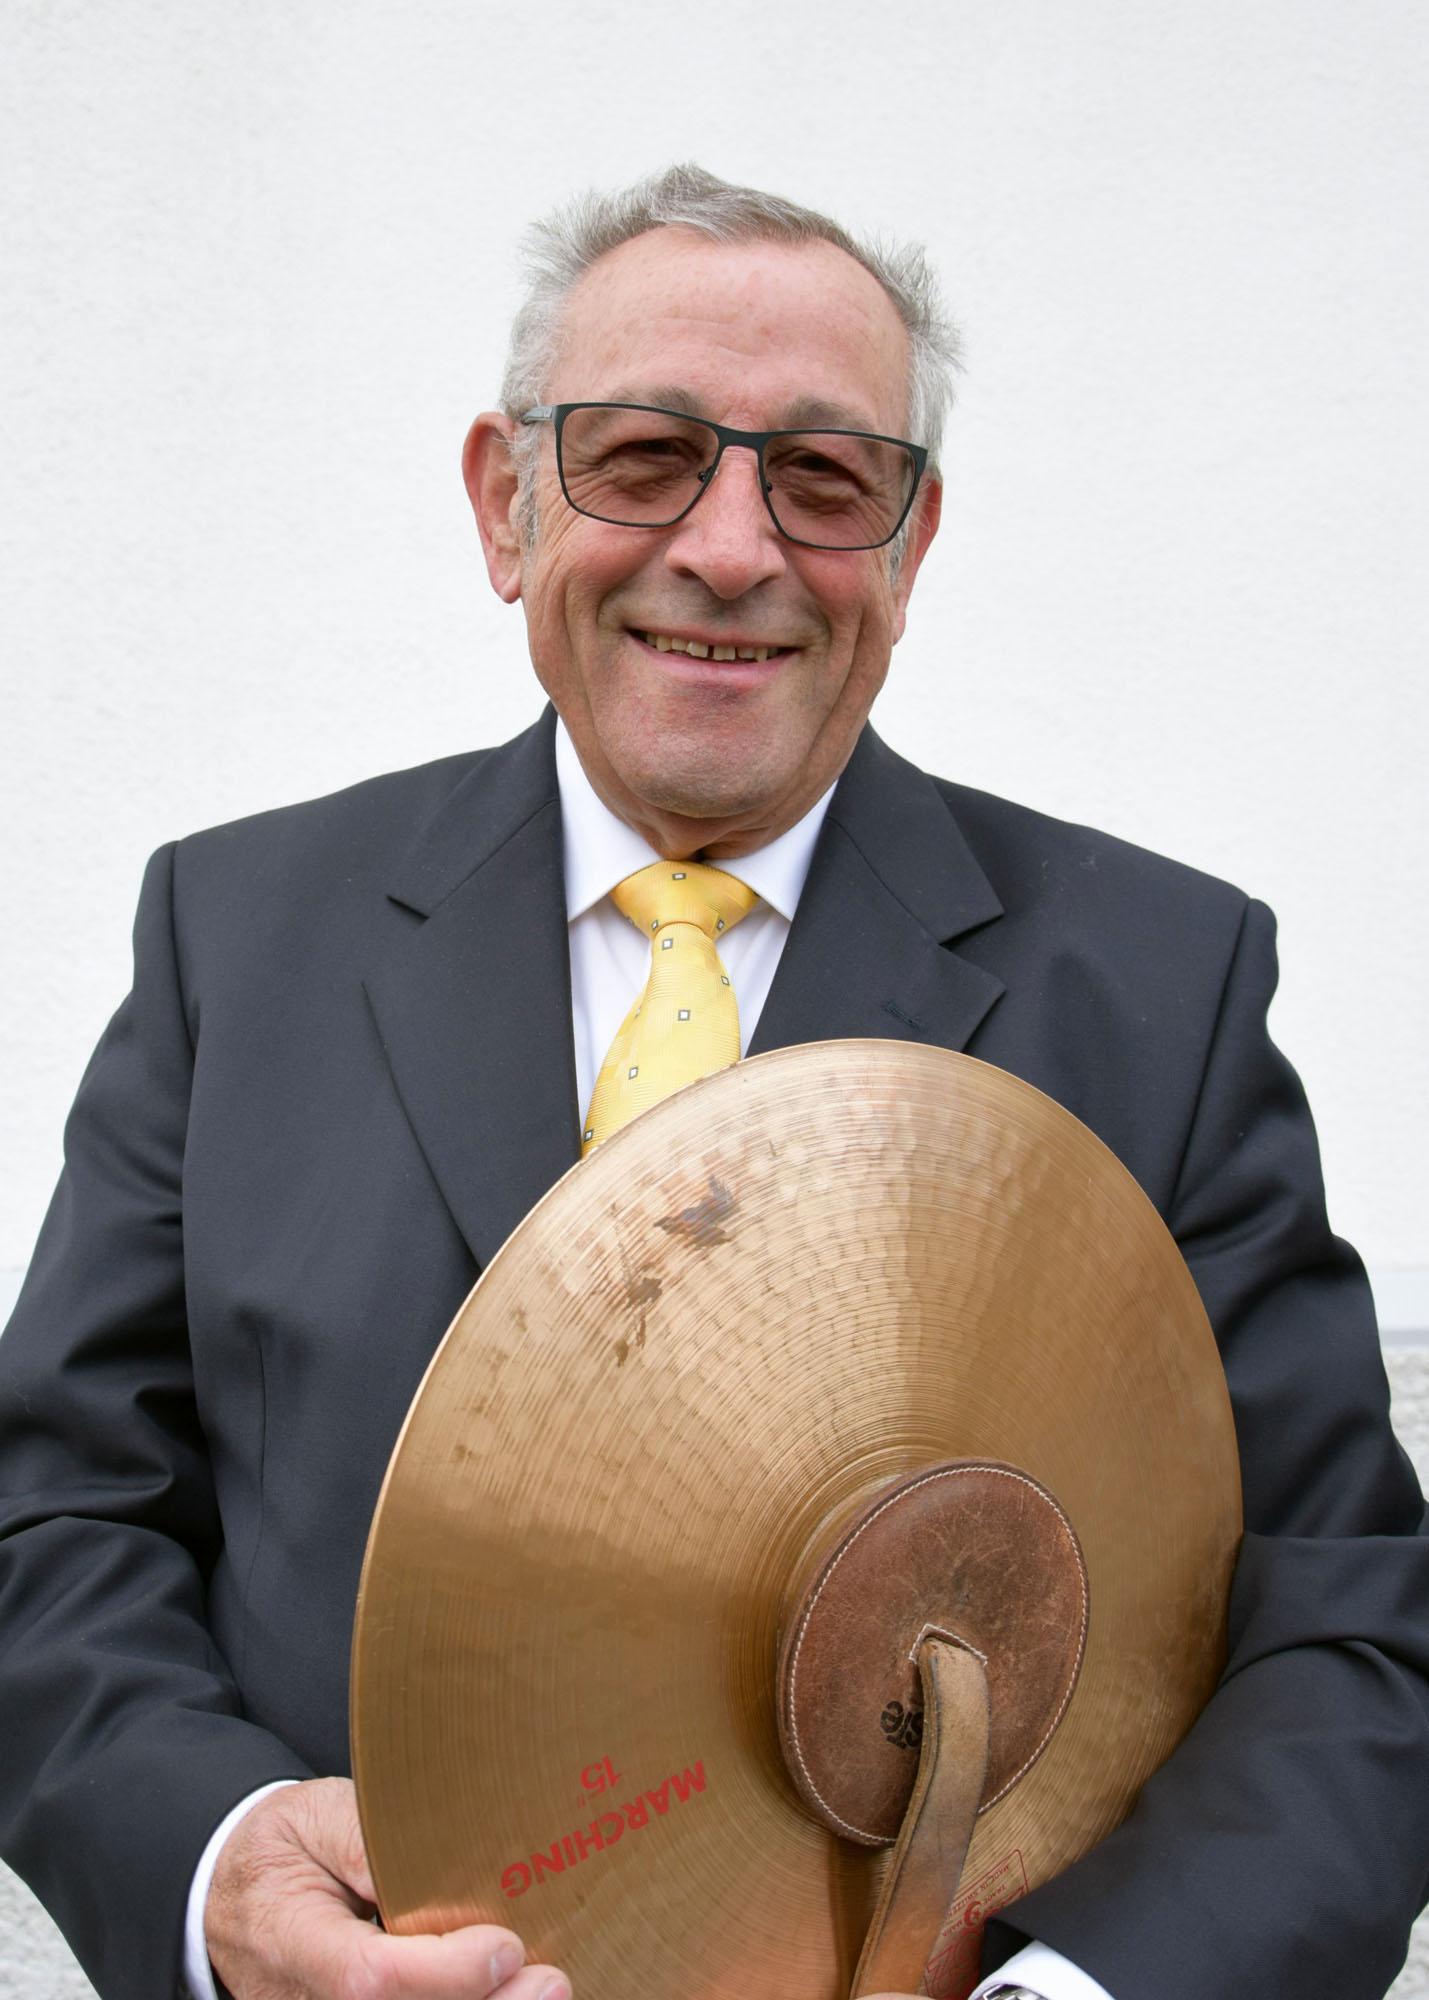 Aldo Homberger